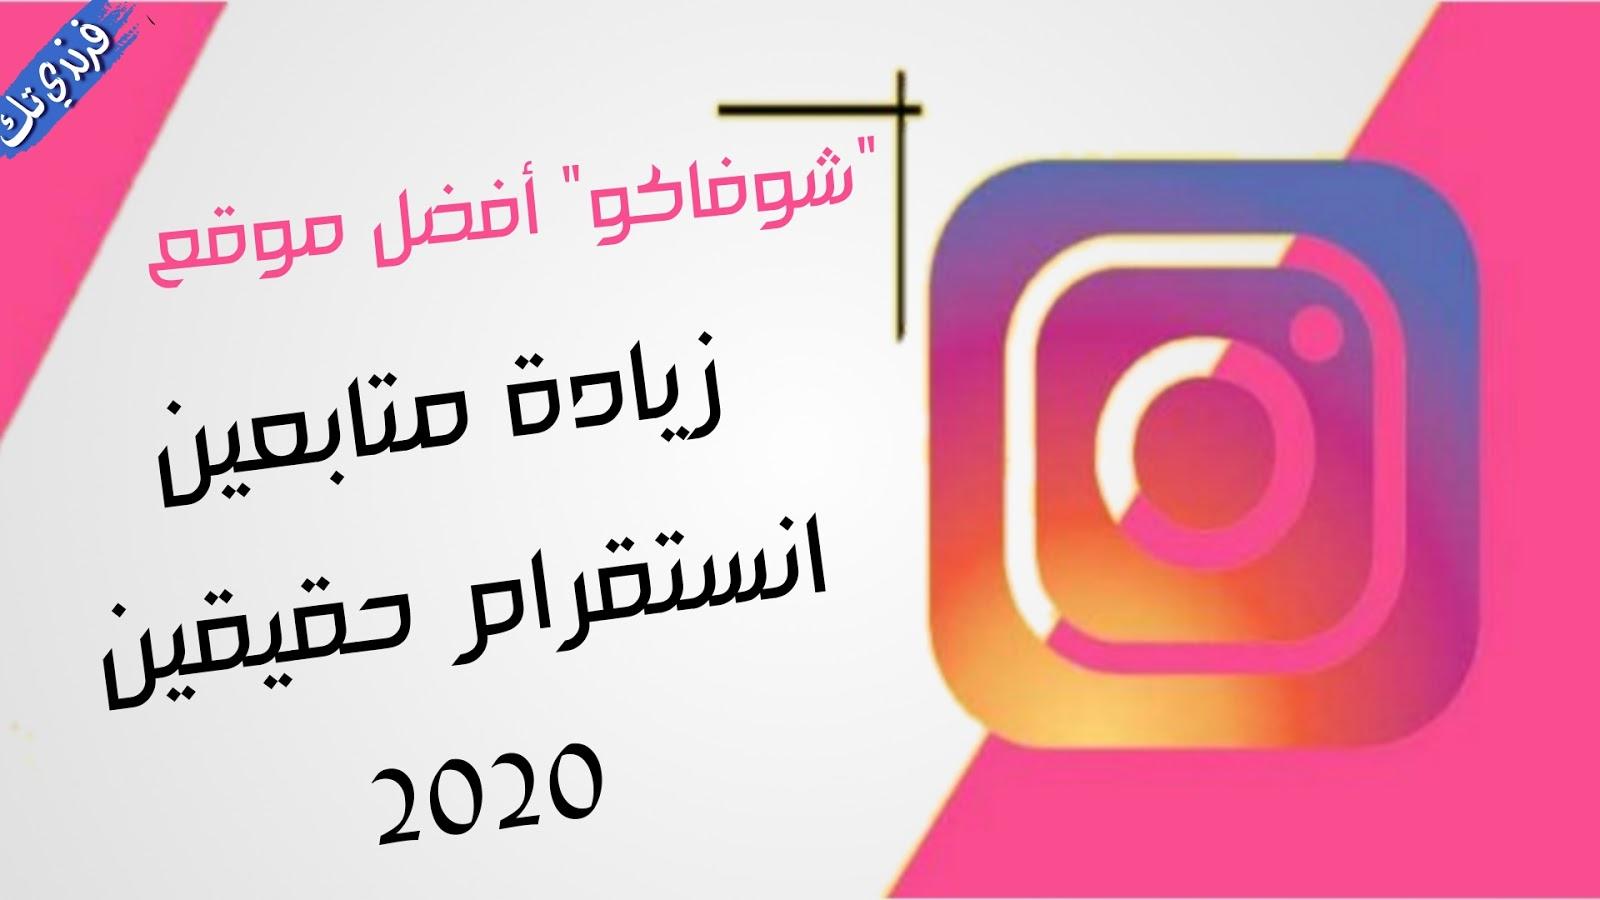 زيادة متابعين انستقرام حقيقين و متفاعلين (متابعين بواسطة إعلان ممول عرب و متفاعلين)